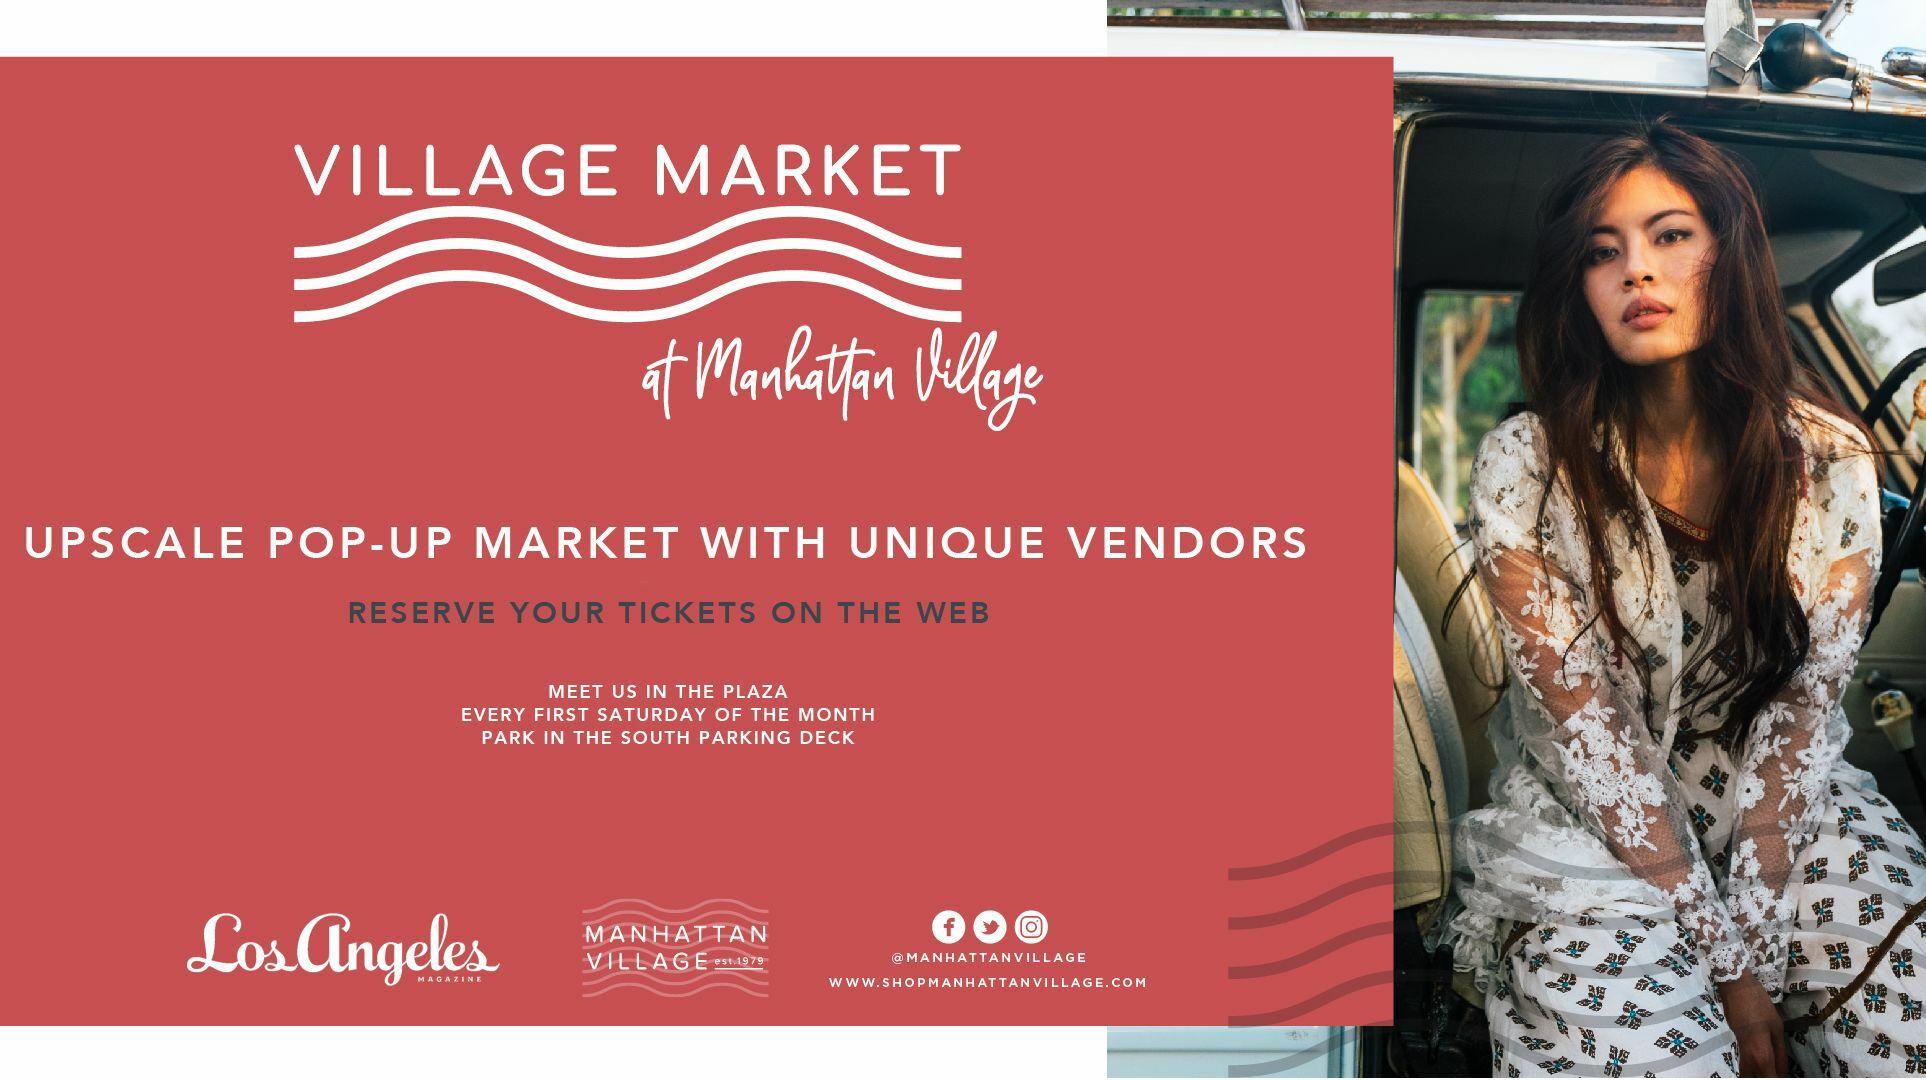 Village Market by Manhattan Village Shopping Center